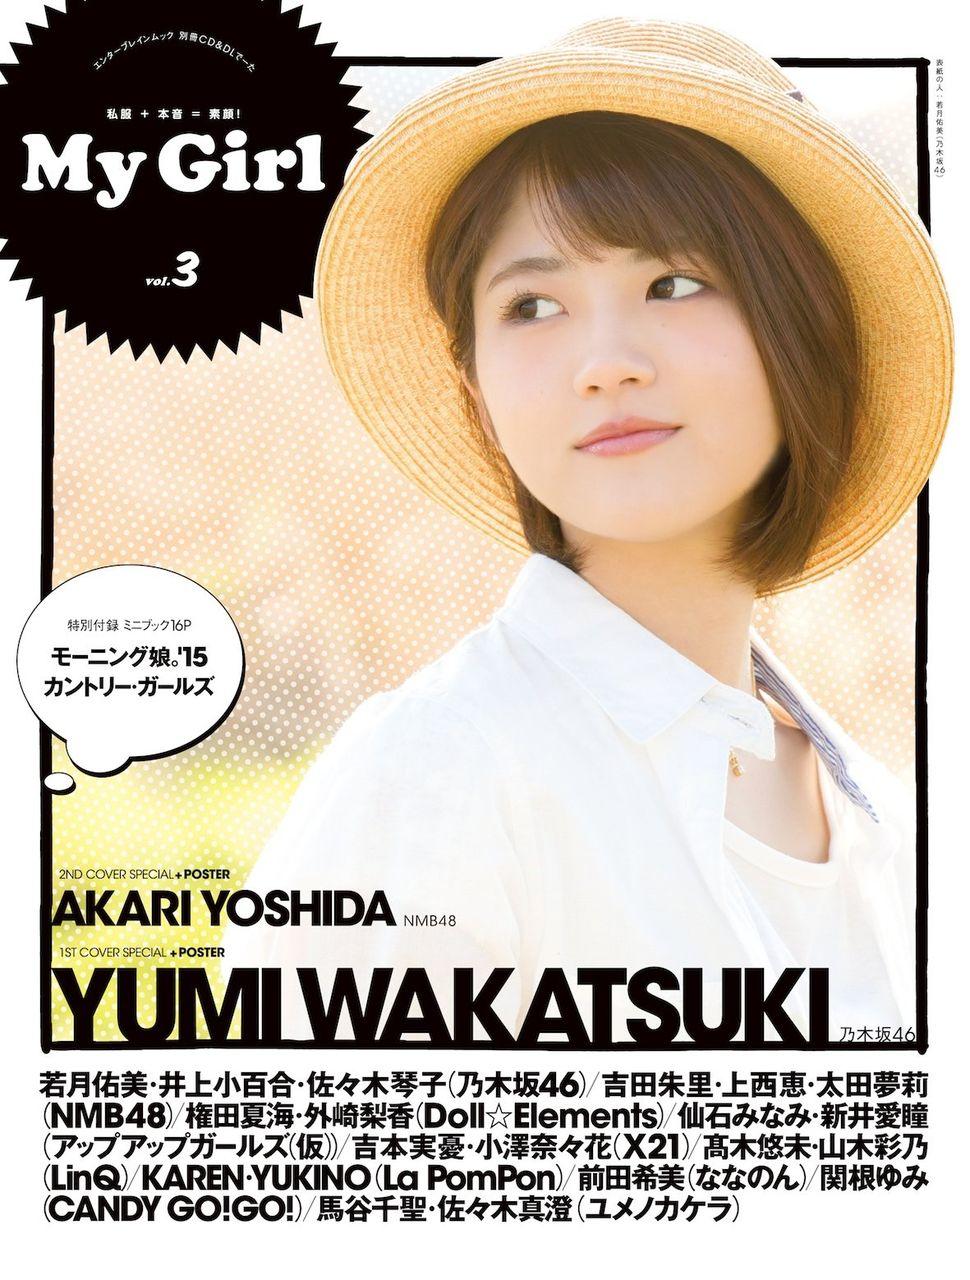 若月佑美さんとの思い出37(2015年3月-4月 コスプレ?)